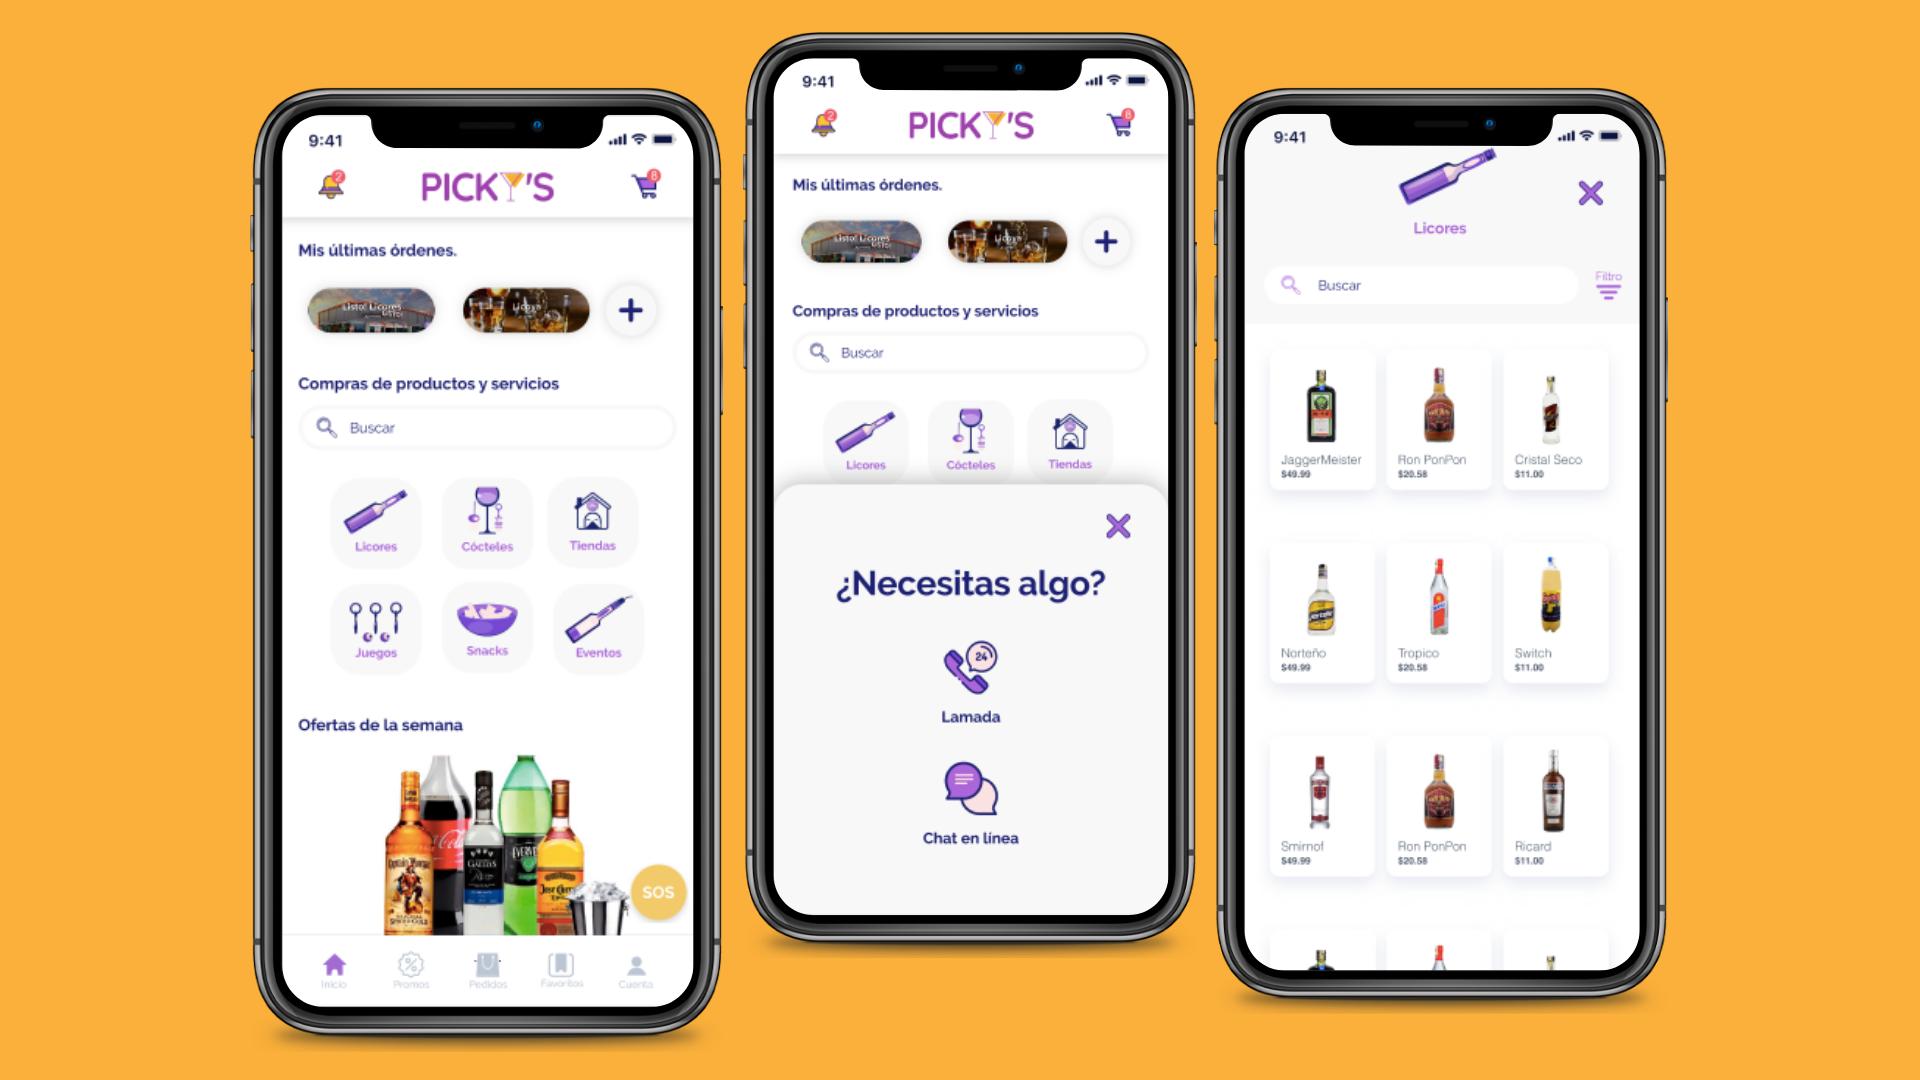 Picky's App